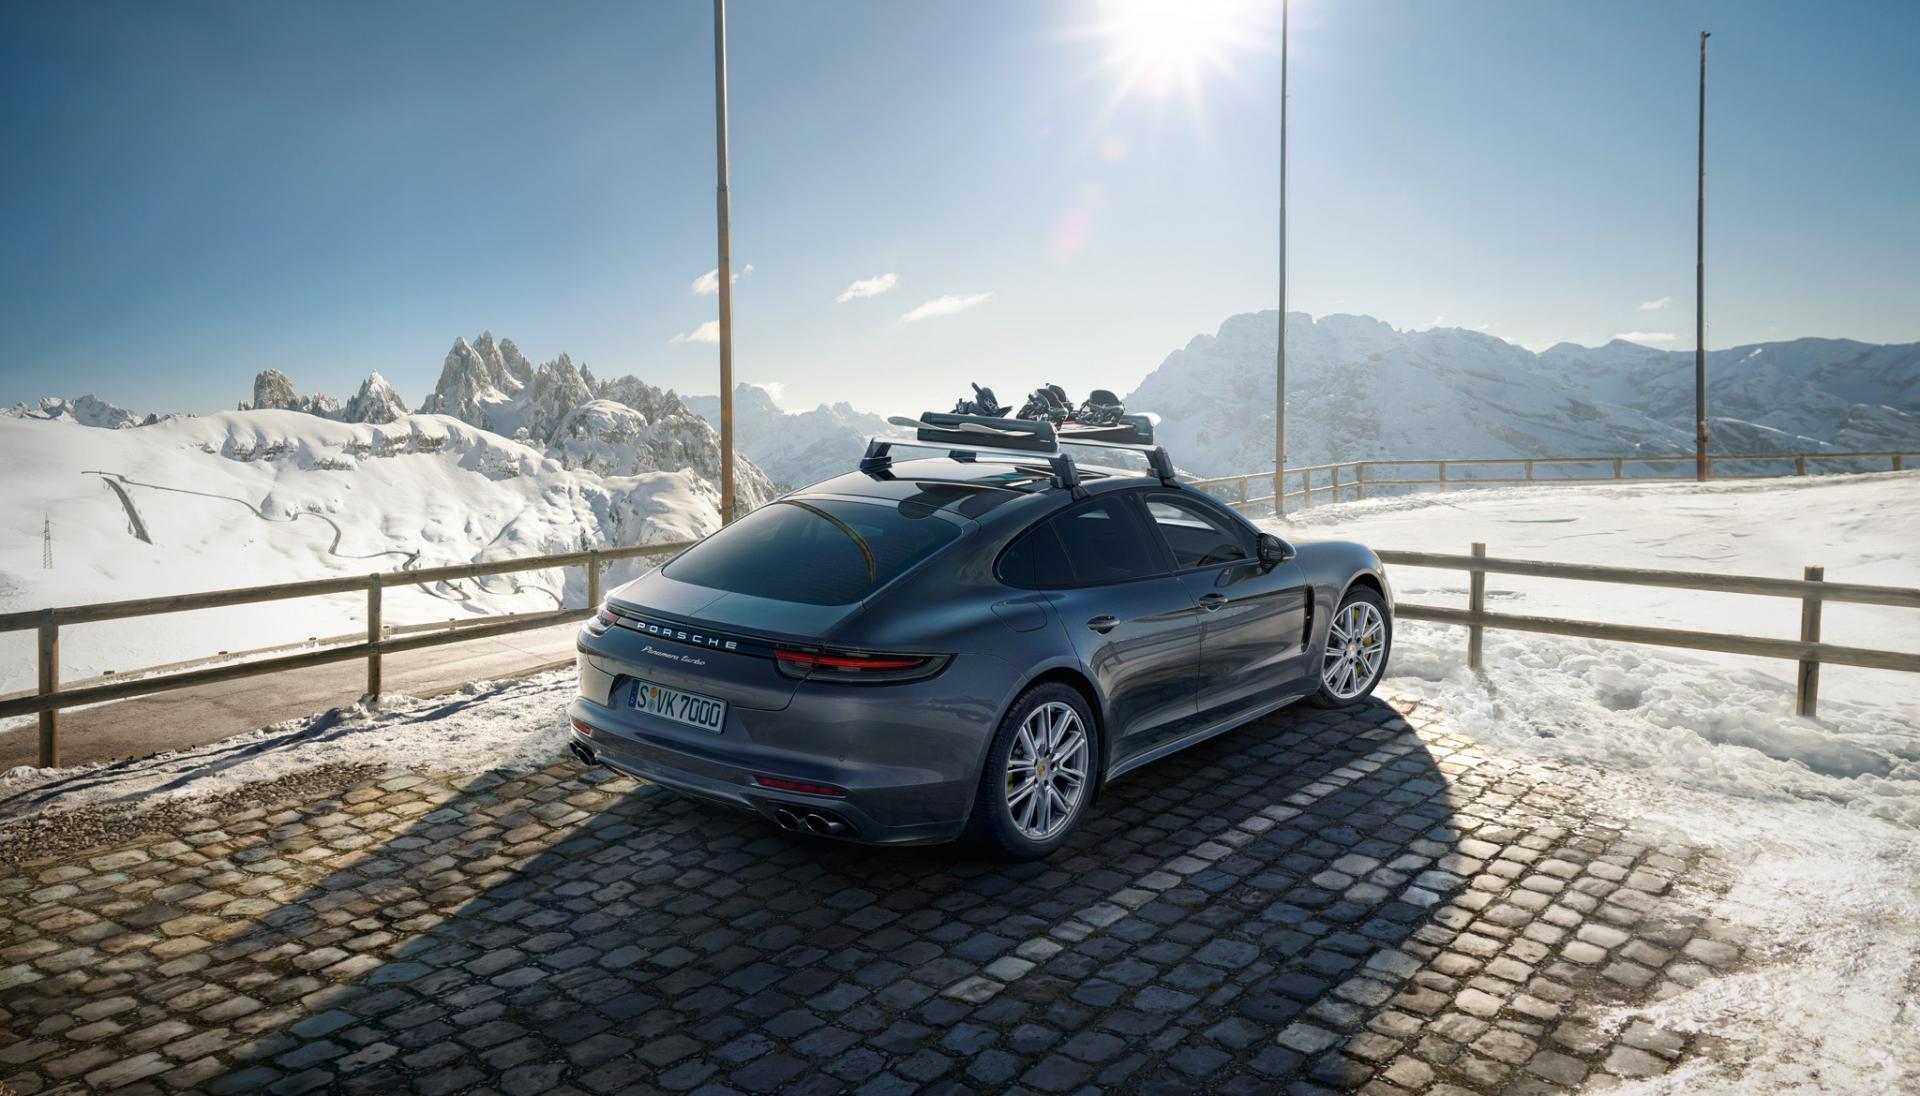 Porsche panamera ski